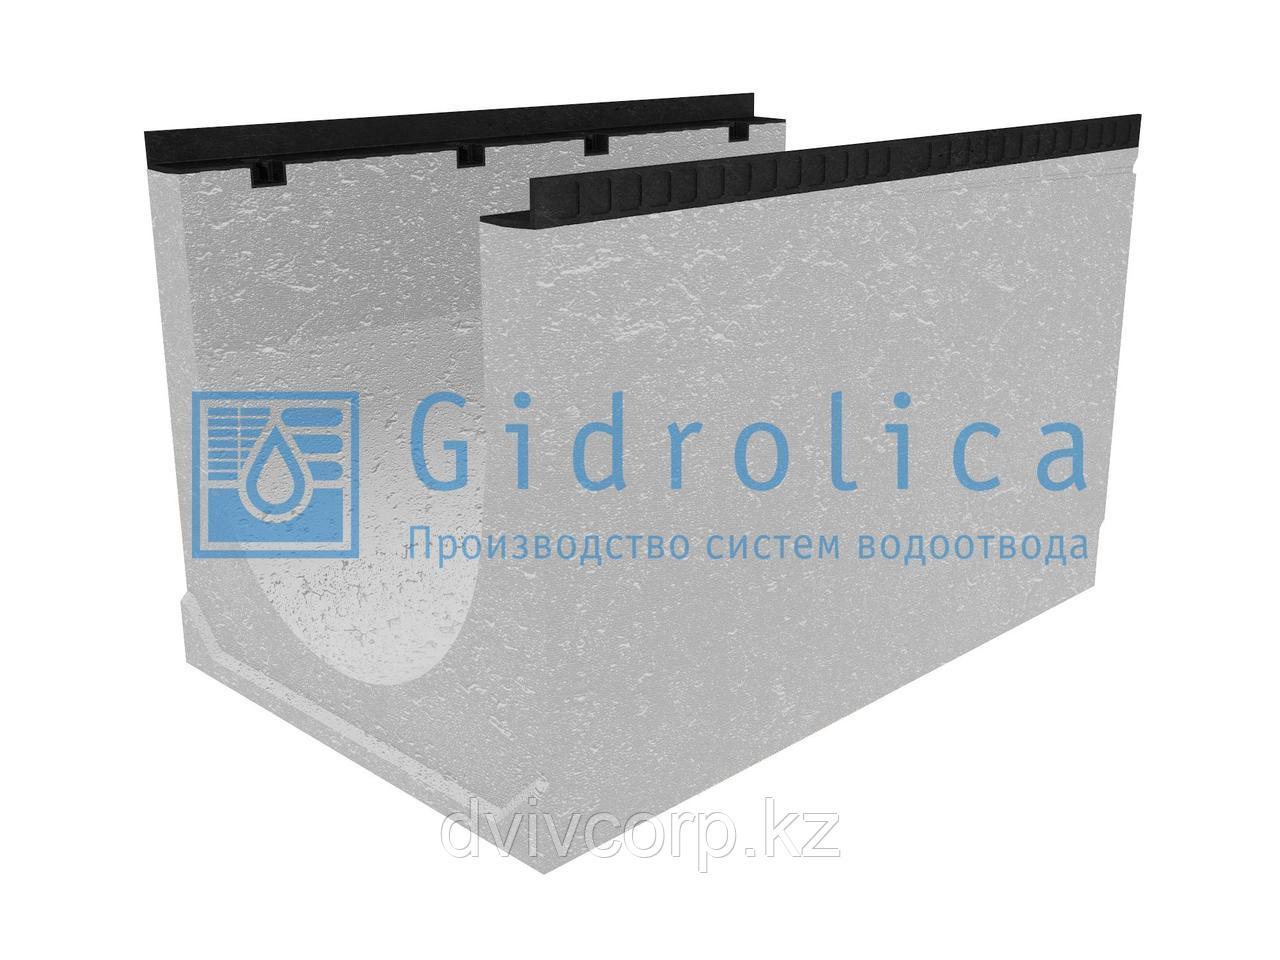 Лоток водоотводный бетонный коробчатый (СО-500мм), с уклоном 0,5%  КUу 100.65(50).63(54) - BGМ, № 36